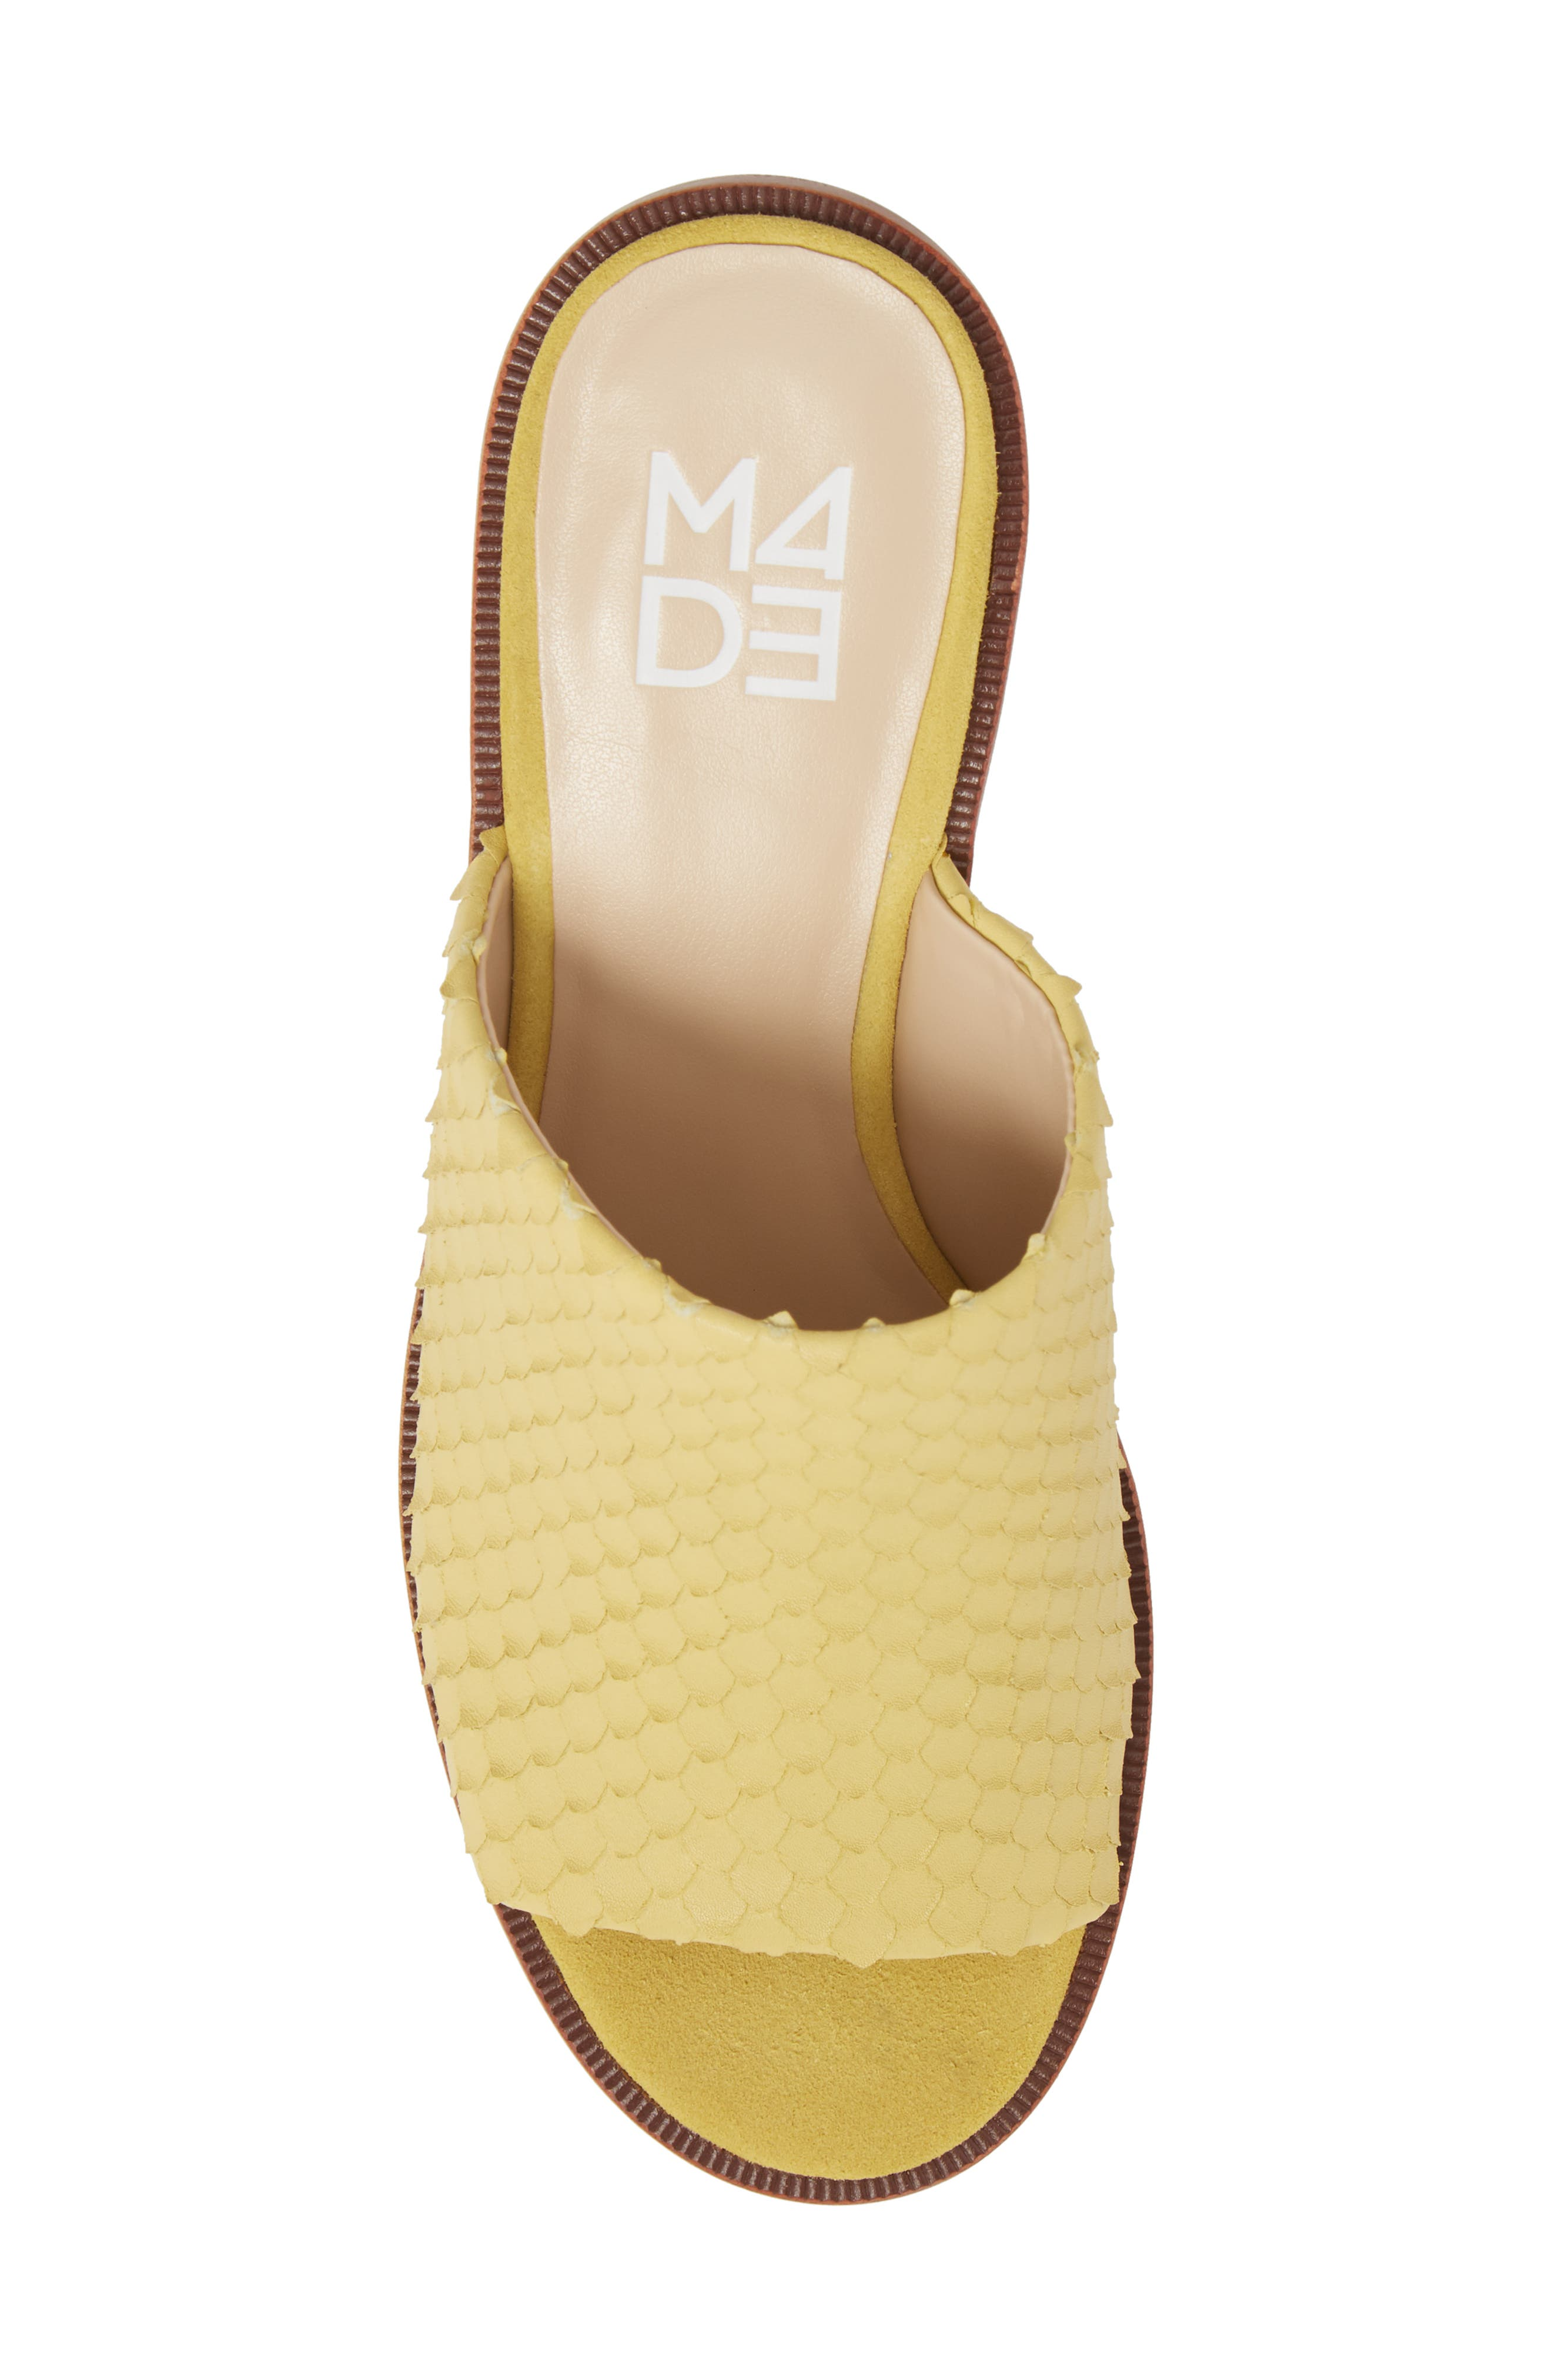 M4D3 Ruse Platform Mule,                             Alternate thumbnail 5, color,                             Zest Leather